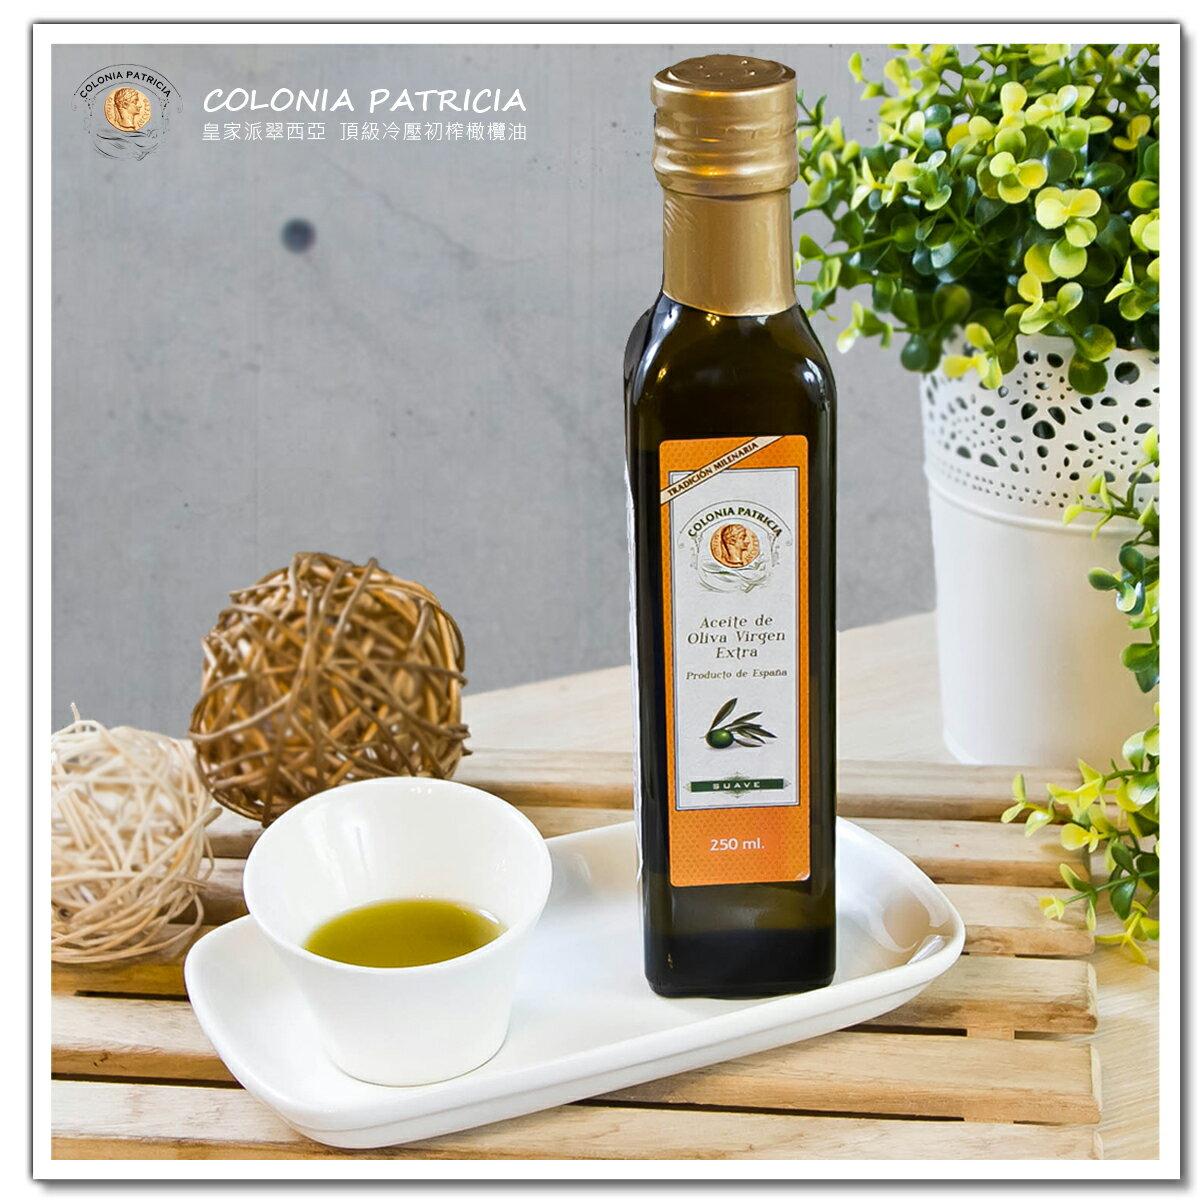 《西班牙皇家派翠西亞100%頂級冷壓初榨單品橄欖油》【250ml單瓶裝含盒】單一品種:Arbequina阿貝金納,口感溫和